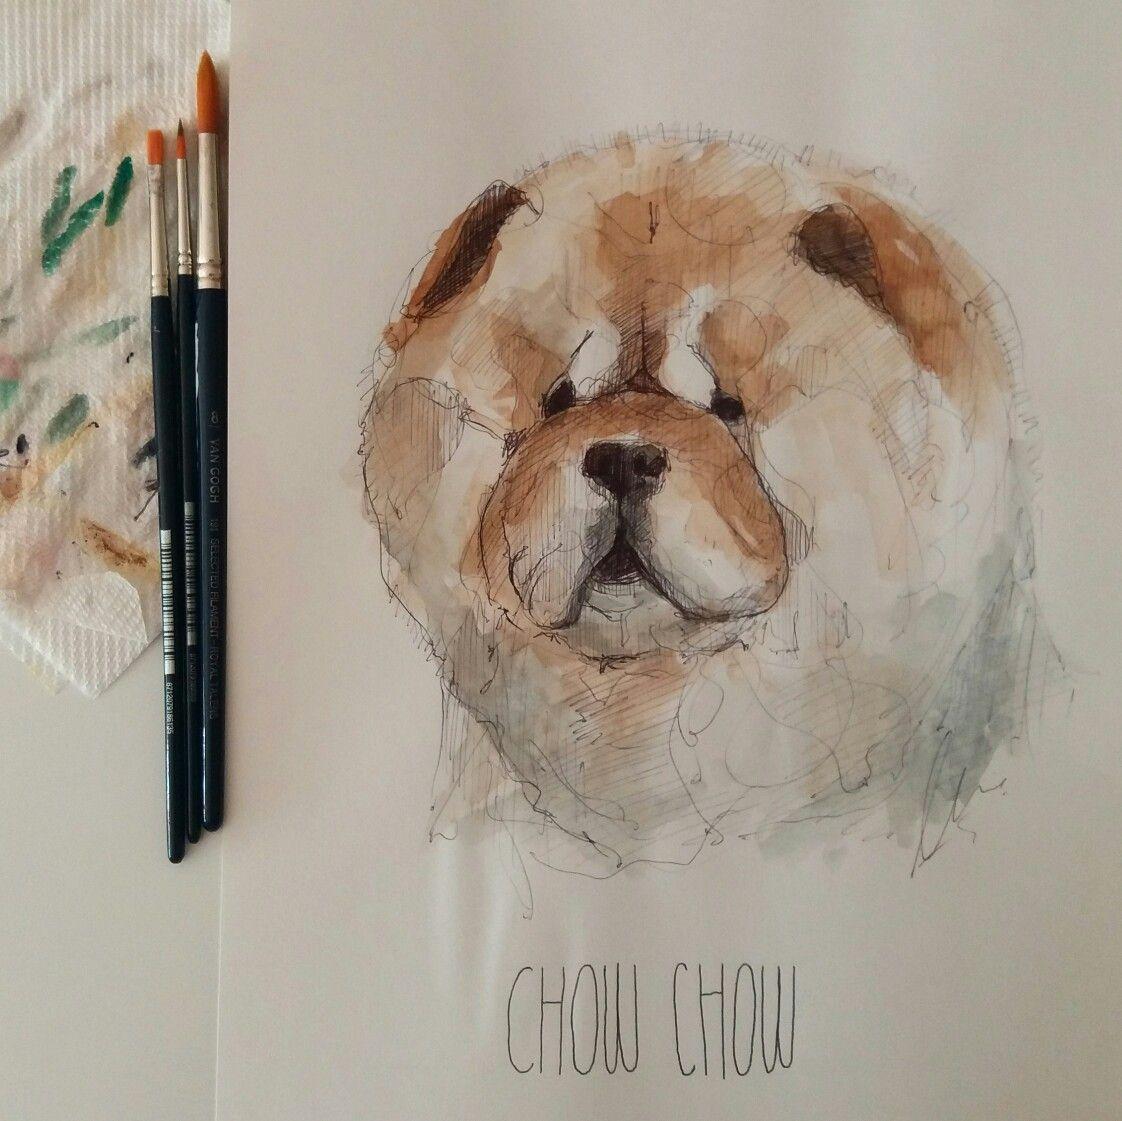 #chowchow #watercolour